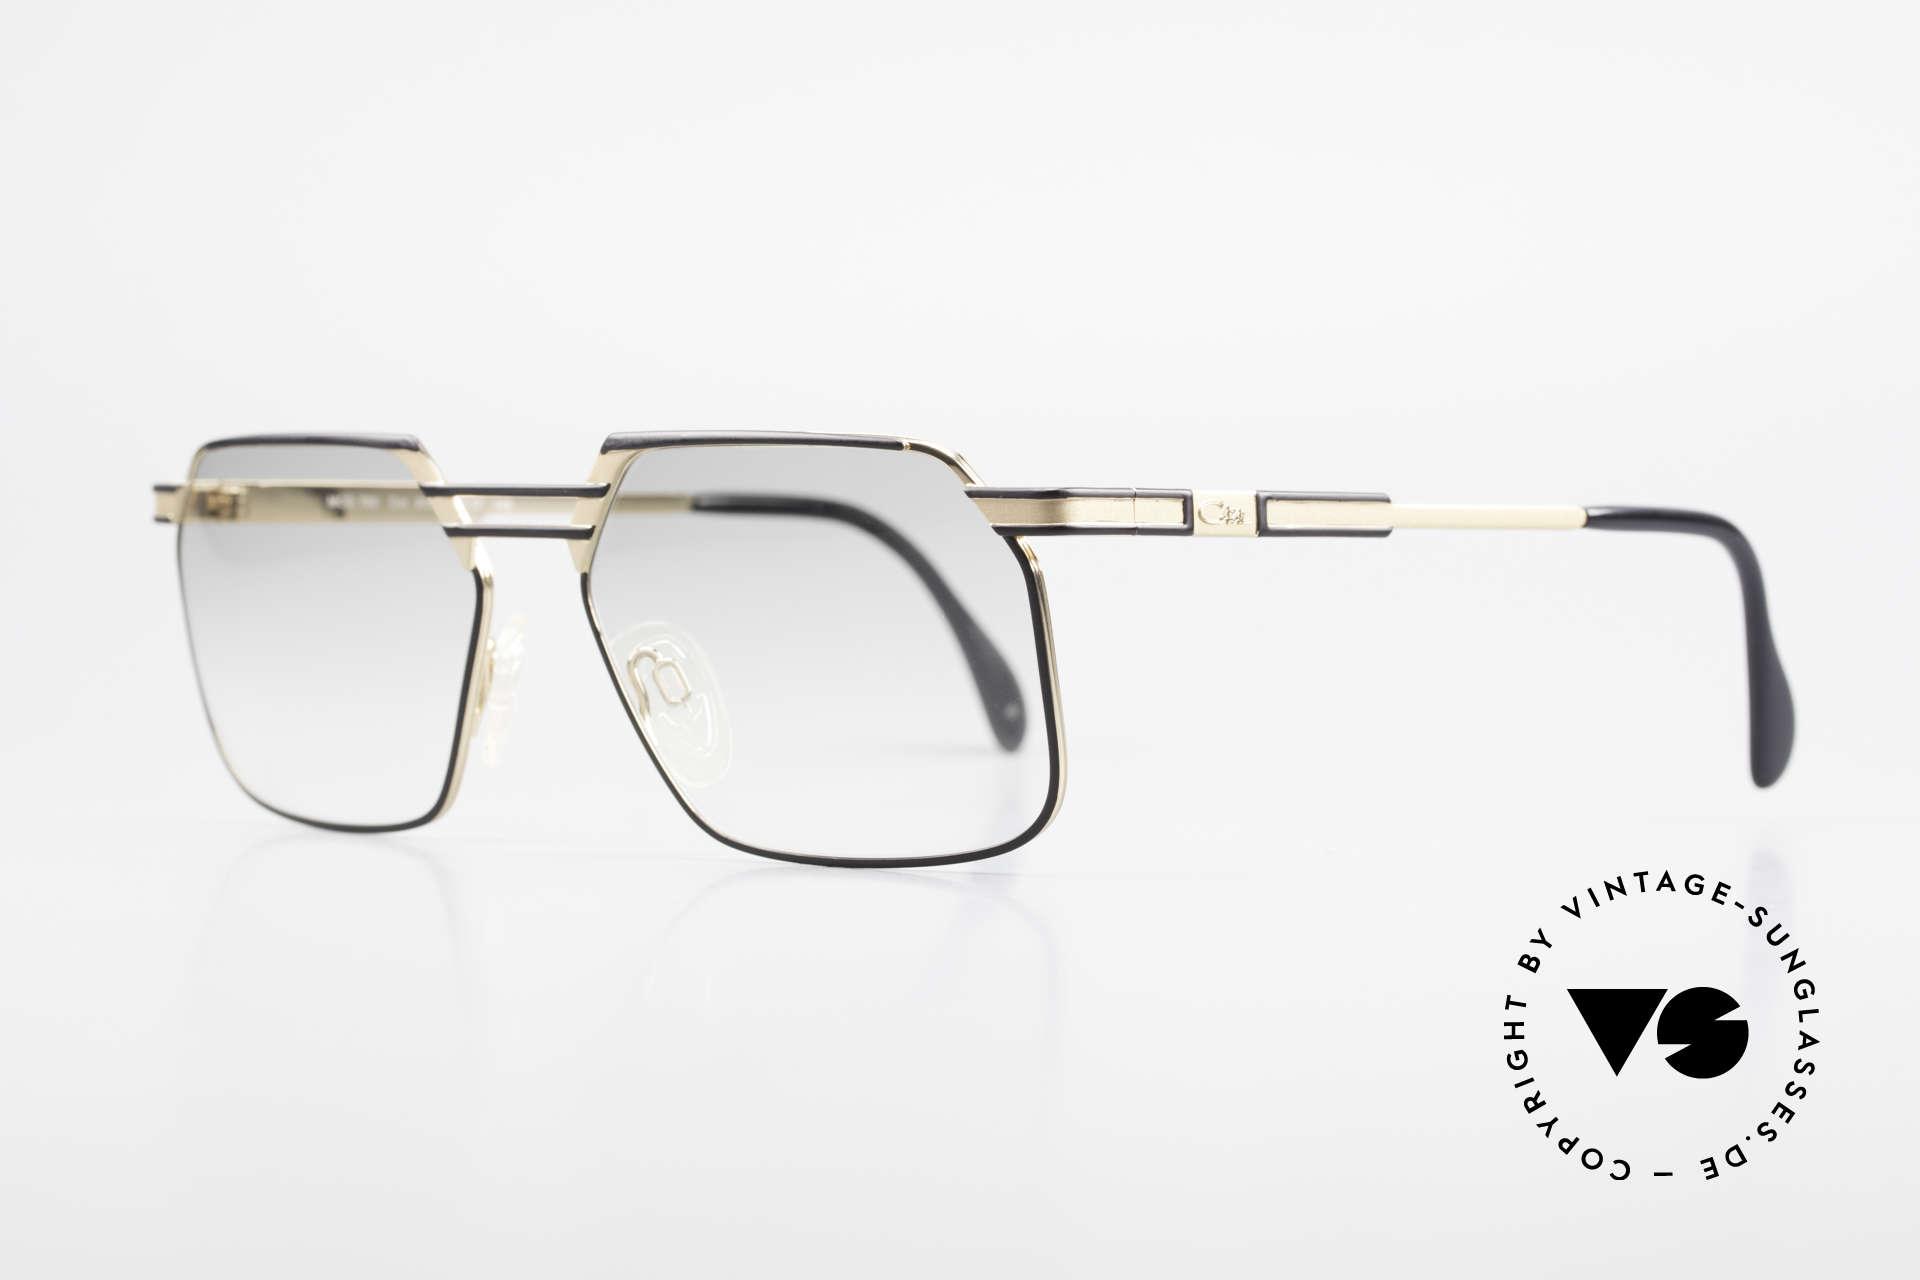 Cazal 760 Vintage 90er Qualitätsbrille, stabile Metall-Fassung mit eleganter Kolorierung, Passend für Herren